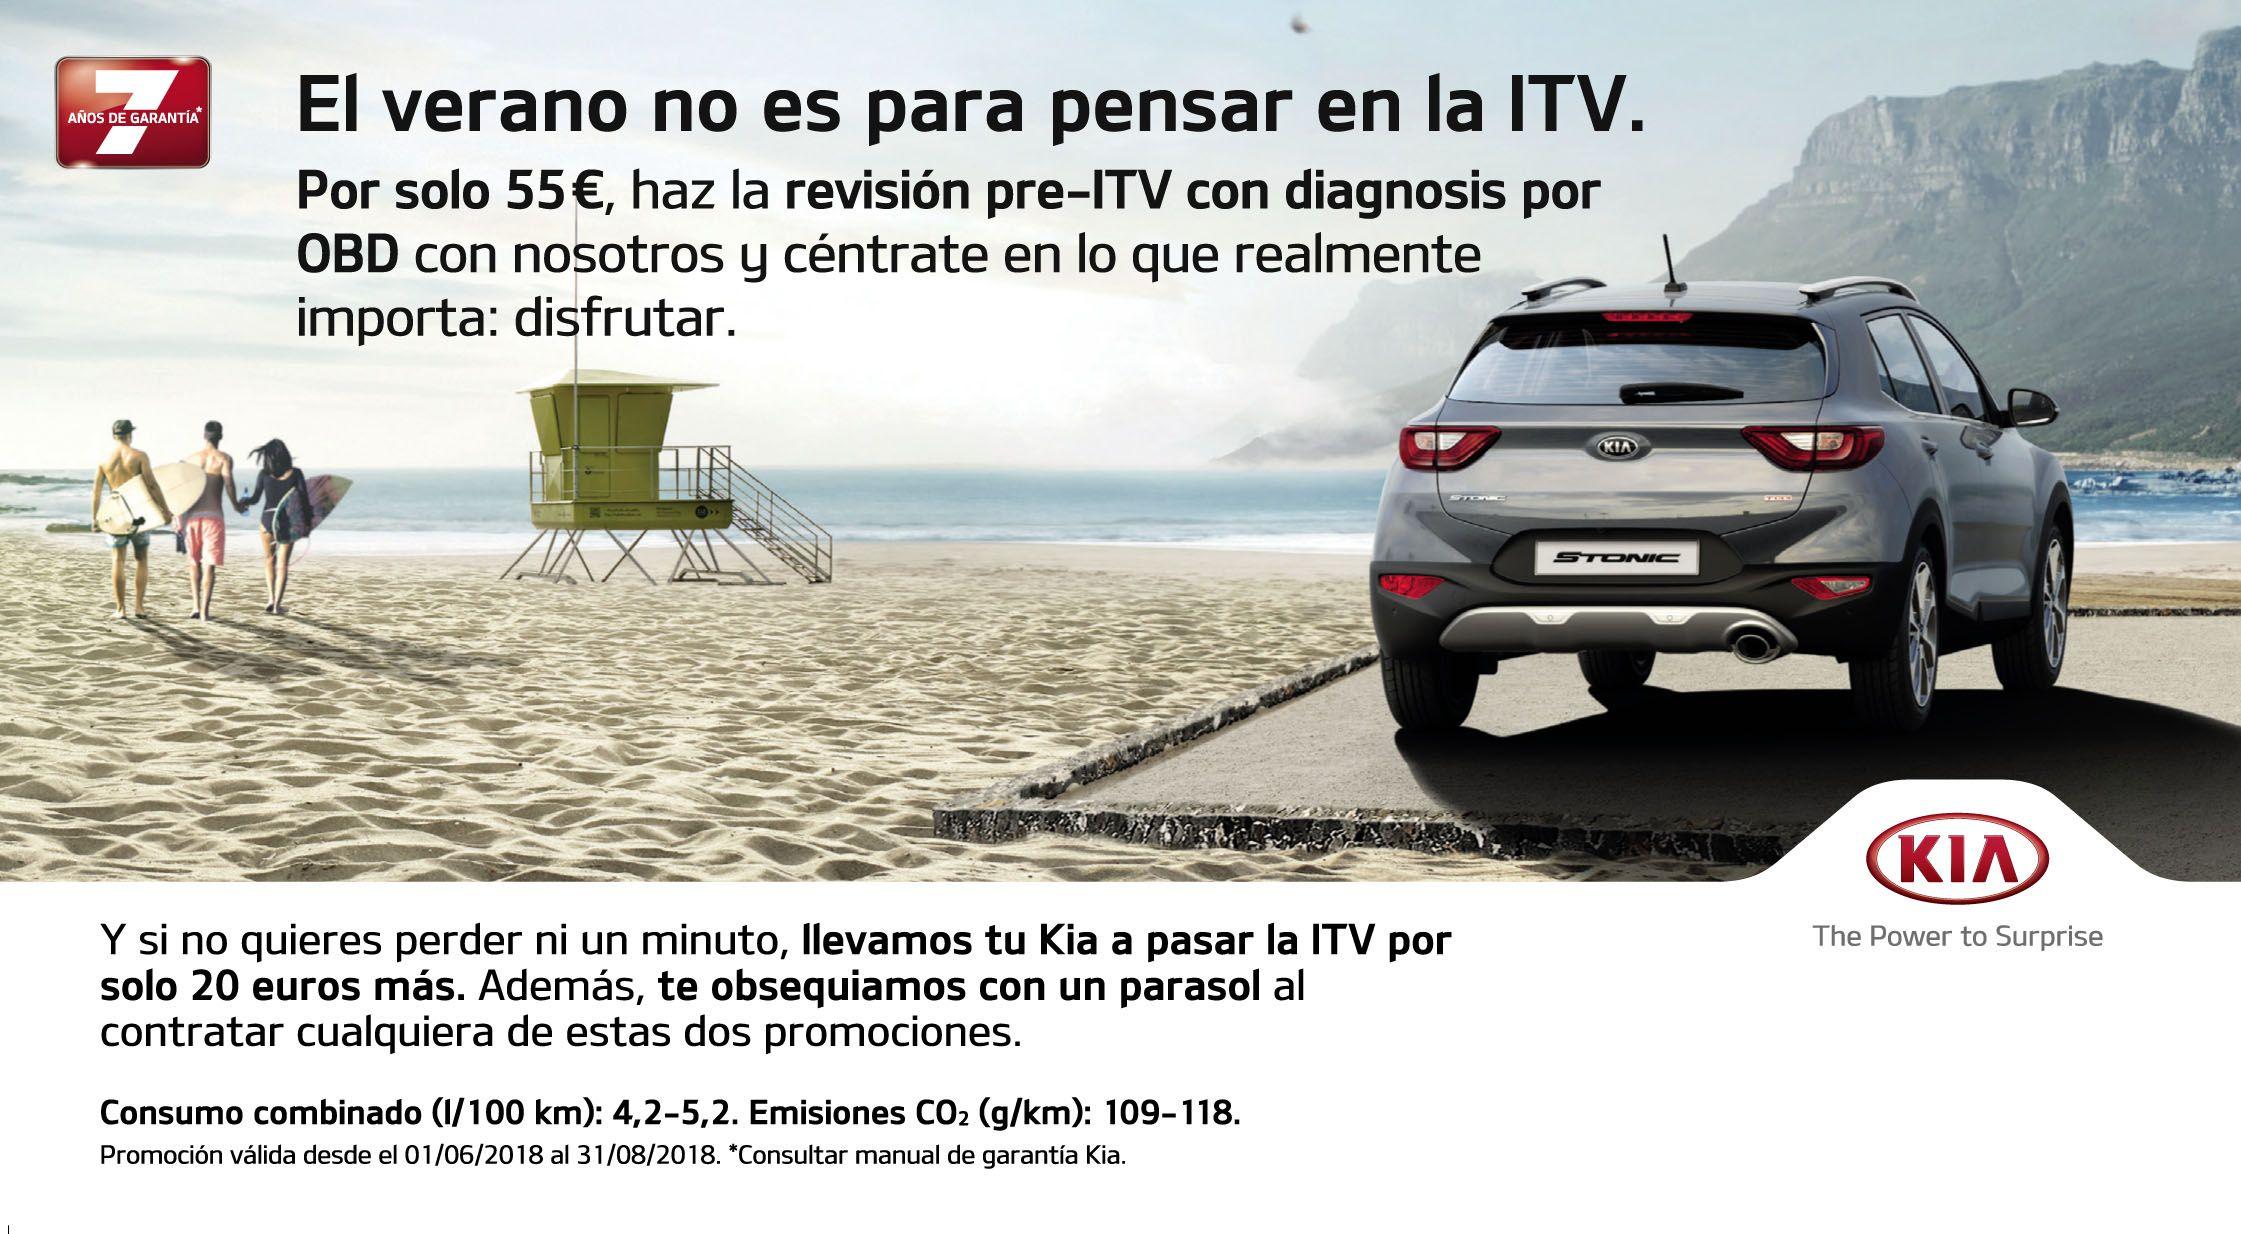 EL VERANO NO ES PARA PENSAR EN LA ITV